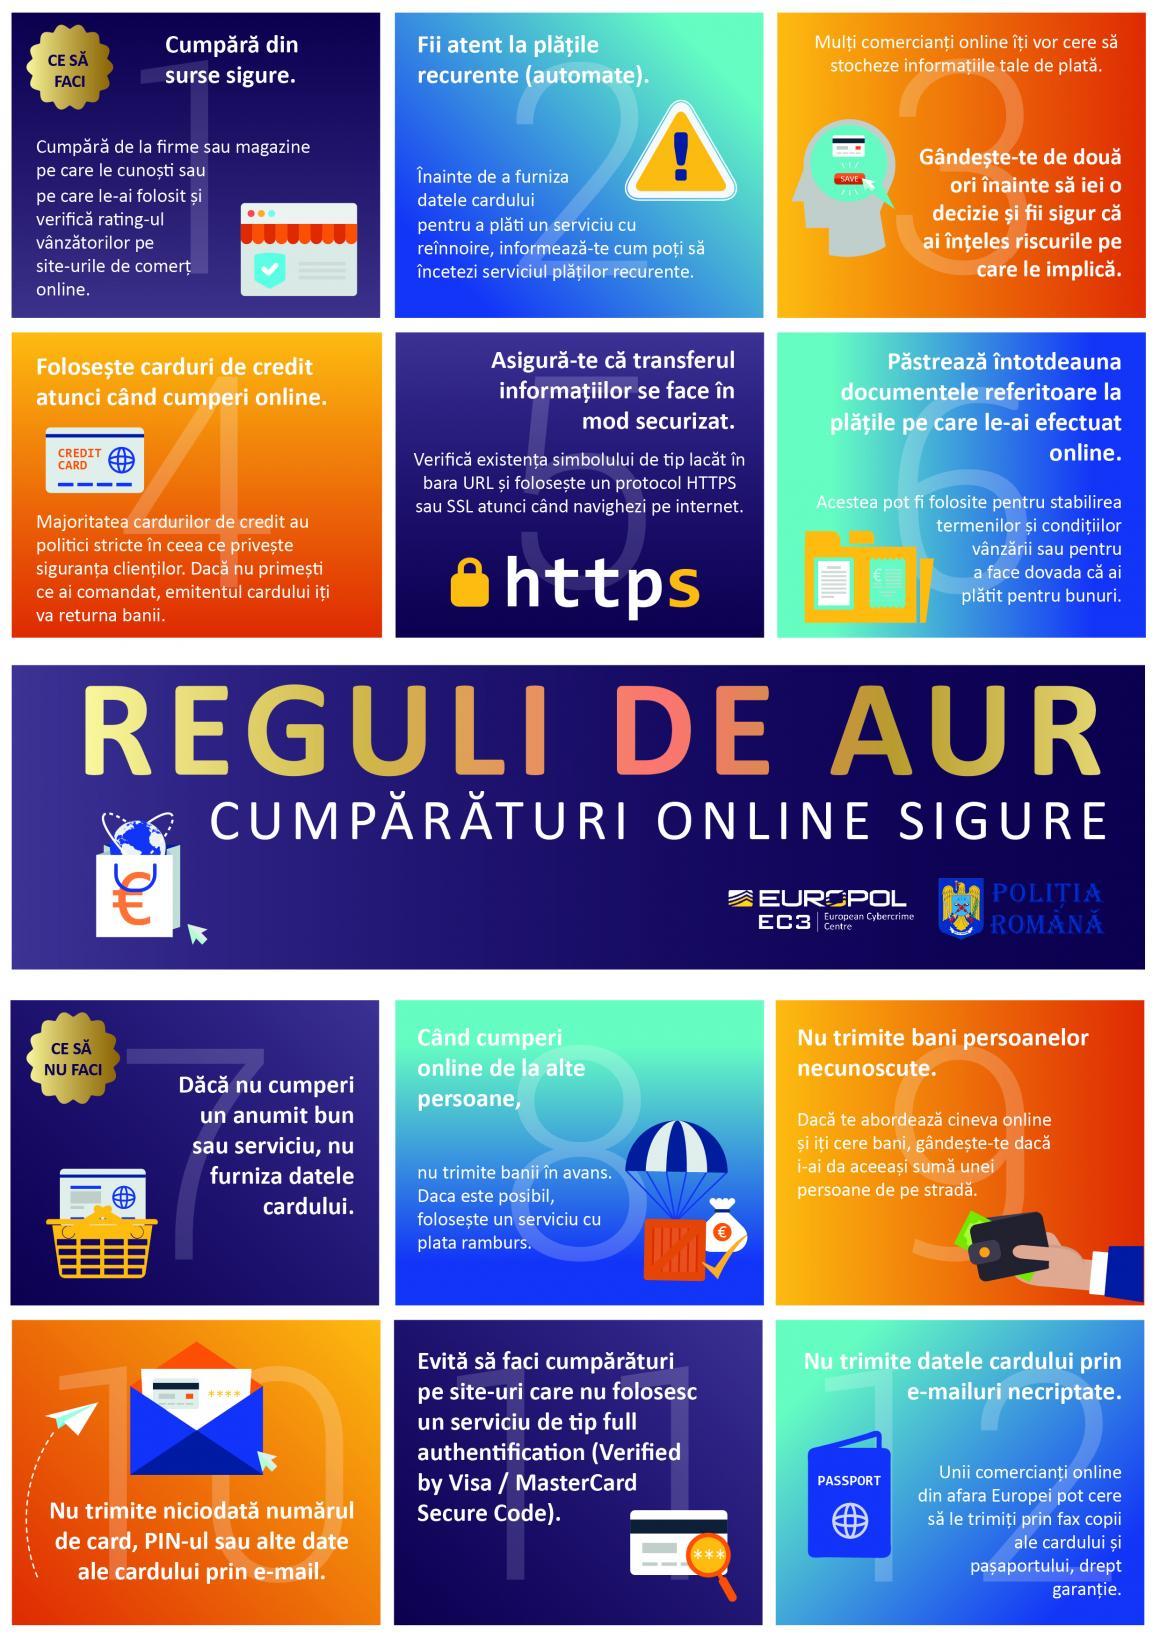 Cumparaturi Online Sigure